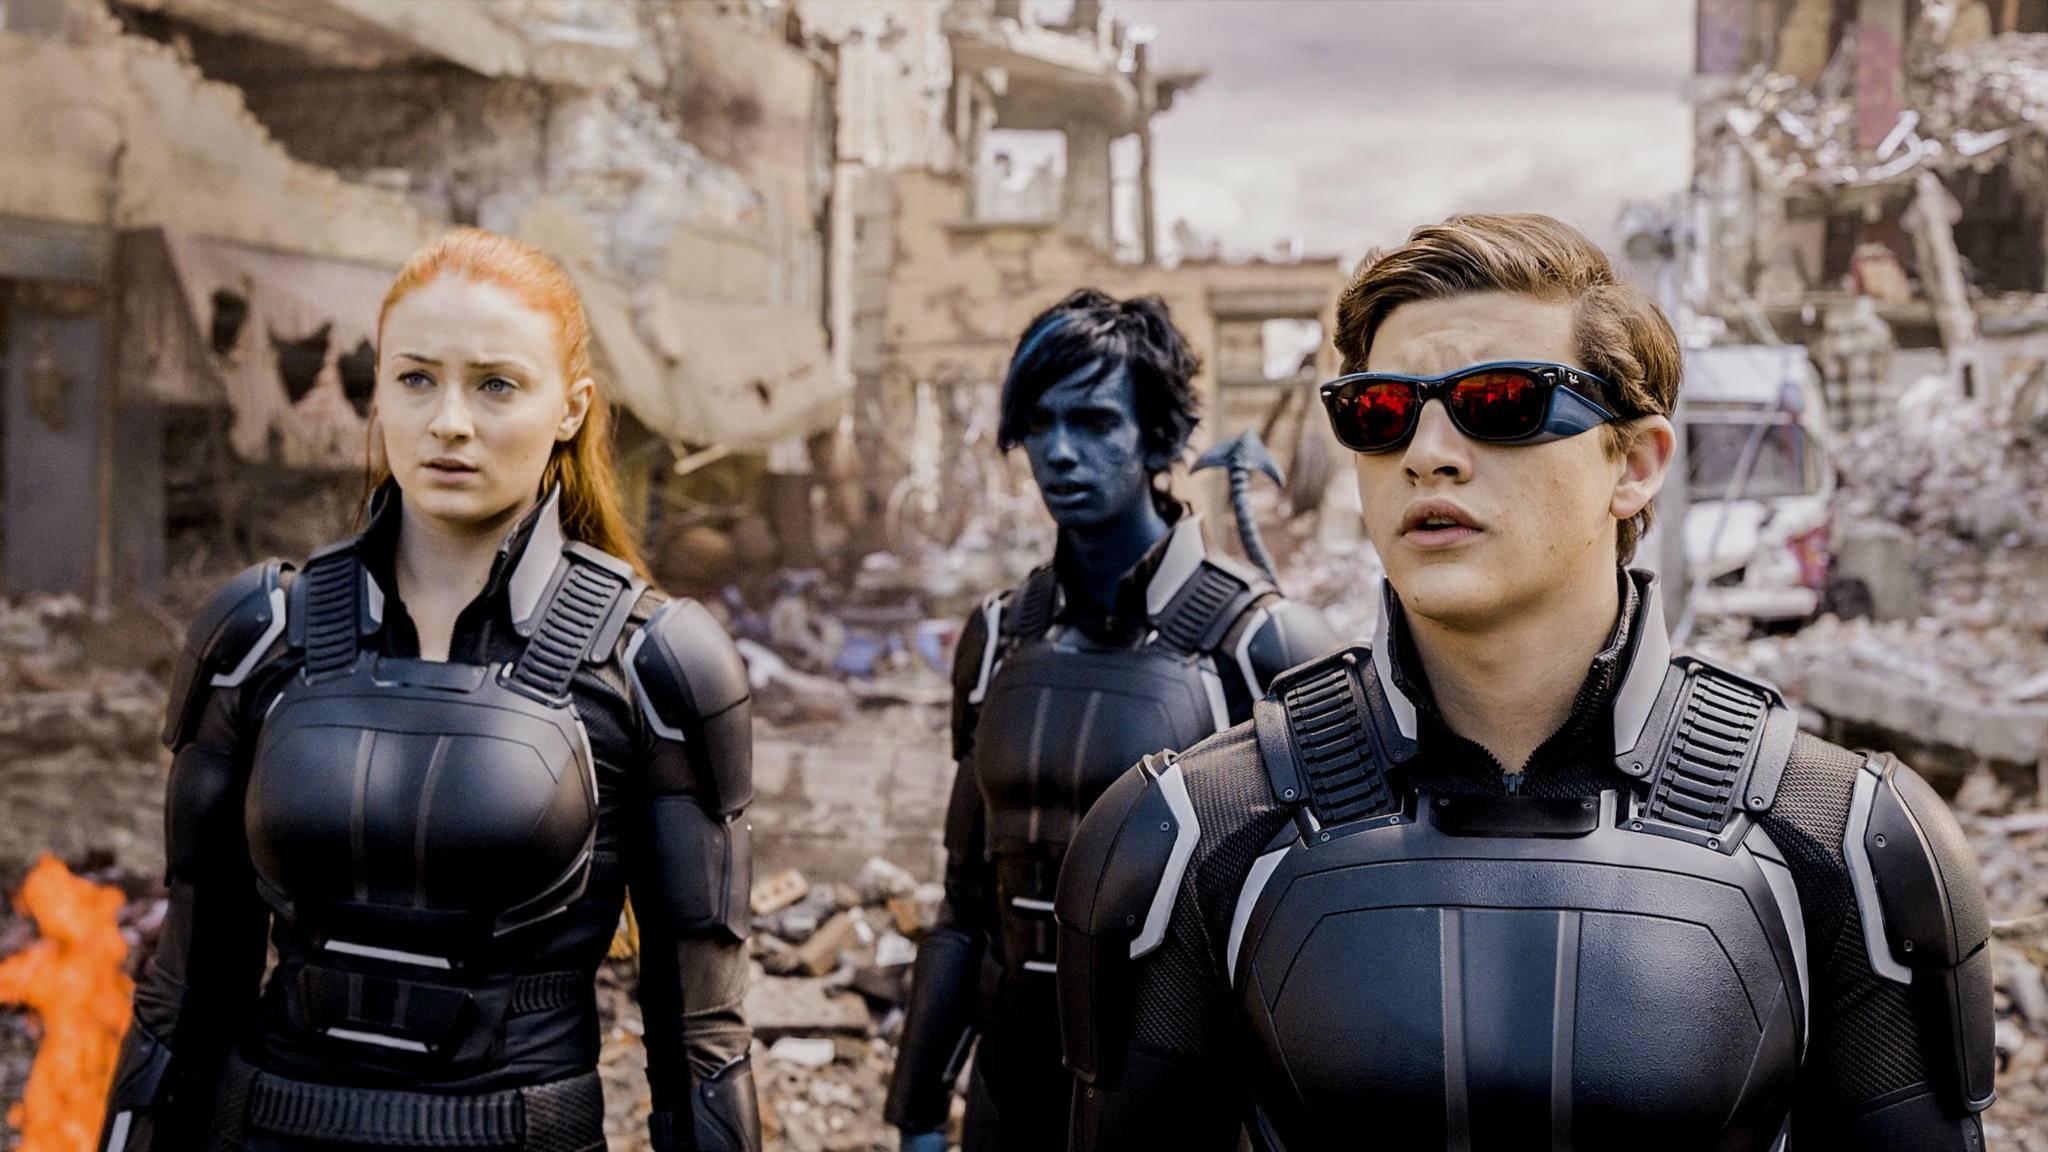 Ob einige der uns bekannten X-Men in der Serie mitspielen werden, steht noch nicht fest.